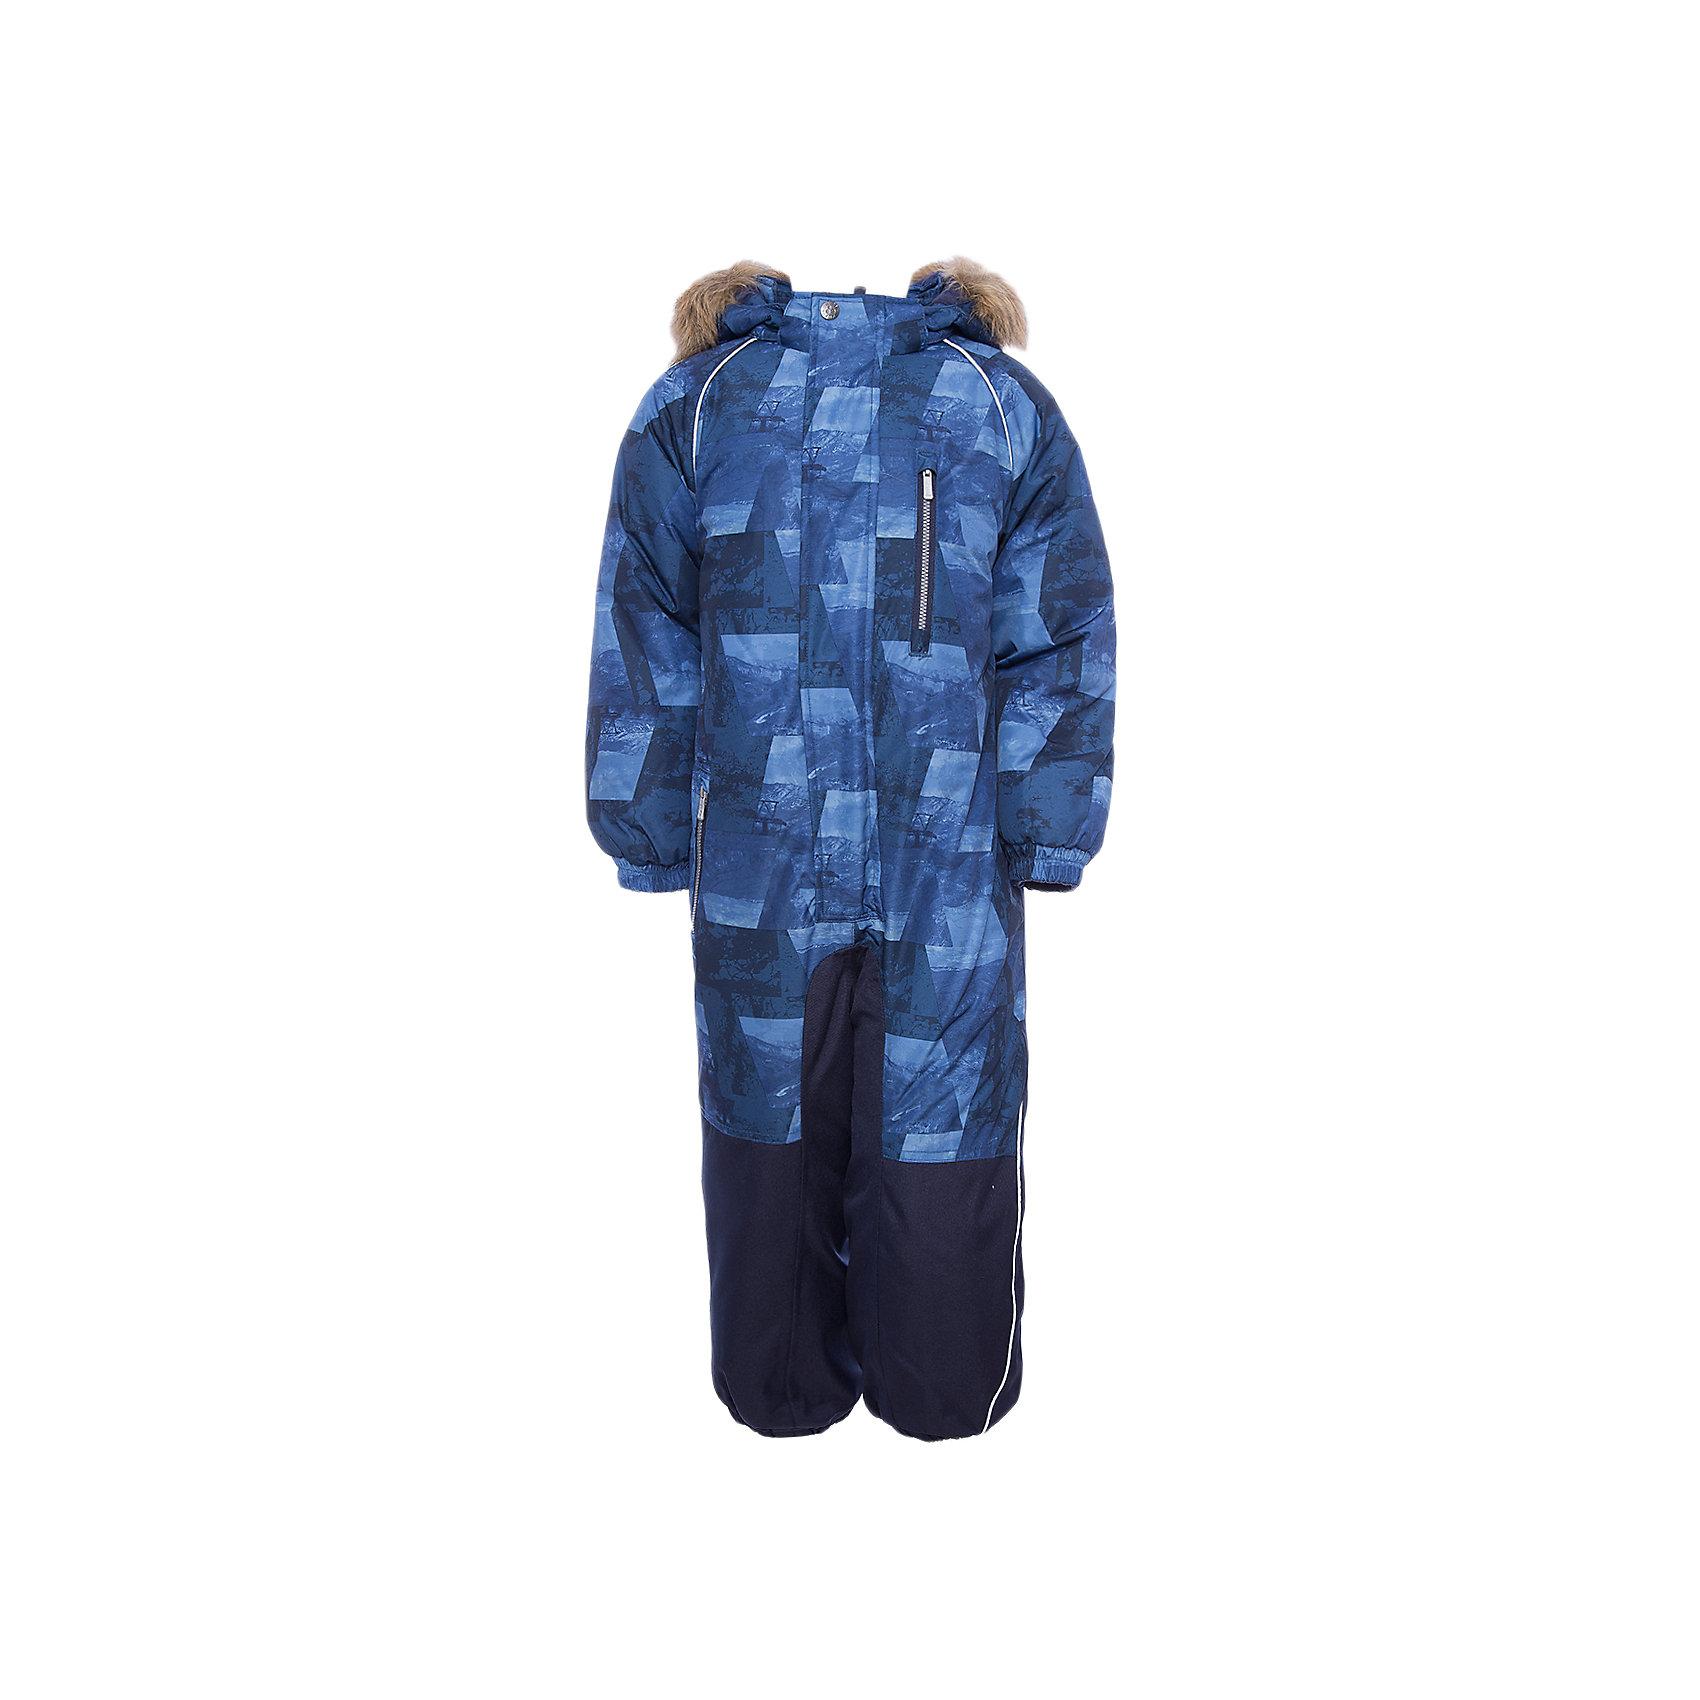 Комбинезон FENNO HuppaКомбинезоны<br>Характеристики товара:<br><br>• модель: Fenno;<br>• цвет: синий;<br>• пол: мальчик ;<br>• состав: 100% полиэстер;<br>• утеплитель: полиэстер, 300 гр.;<br>• подкладка: тафта/флис;<br>• сезон: зима;<br>• температурный режим: от -5 до - 30С;<br>• водонепроницаемость: 10000 мм  ;<br>• воздухопроницаемость: 10000 г/м2/24ч;<br>• водо- и ветронепроницаемый, дышащий и грязеотталкивающий материал;<br>• особенности модели: c рисунком, с мехом;<br>• капюшон для большего удобства крепится на кнопки и, при необходимости, отстегивается;<br>• искусственный мех на капюшоне съемный ;<br>• cидельный шов, внутренние и боковые швы проклеены и не пропускают влагу;<br>•  cиденье и нижний край брючины выполнены из очень прочной ткани Cordura;<br>• светоотражающих элементов для безопасности в темное время суток ;<br>• внутренний и боковые карманы застегиваются на молнию;<br>• манжеты брюк и рукавов  на резинках;<br>• съемные силиконовые штрипки;<br>• внутренняя регулировка обхвата талии;<br>• страна бренда: Финляндия;<br>• страна изготовитель: Эстония.<br><br>Комбинезон Fenno для мальчика Водо и воздухонепроницаемый. Важный критерий при выборе комбинезона для малыша - это количество утеплителя, ведь малыши еще малоподвижны, поэтому комбинезон должен быть теплым. В модели Fenno  300 грамм утеплителя, которые обеспечат тепло и комфорт ребенку при температуре от -5 до -30 градусов. Подкладка — тафта/флис. <br><br>Функциональные элемент: капюшон отстегивается с помощью кнопок, мех отстегивается, все карманы на молнии, манжеты на резинке, съемные силиконовые штрипки, внутренняя регулировка обхвата талии, светоотражающие элементы.<br><br>Комбинезон Fenno для мальчика  Huppa (Хуппа) можно купить в нашем интернет-магазине.<br><br>Ширина мм: 356<br>Глубина мм: 10<br>Высота мм: 245<br>Вес г: 519<br>Цвет: синий<br>Возраст от месяцев: 96<br>Возраст до месяцев: 108<br>Пол: Унисекс<br>Возраст: Детский<br>Размер: 134,92,98,104,110,116,122,128<br>SKU: 7024571